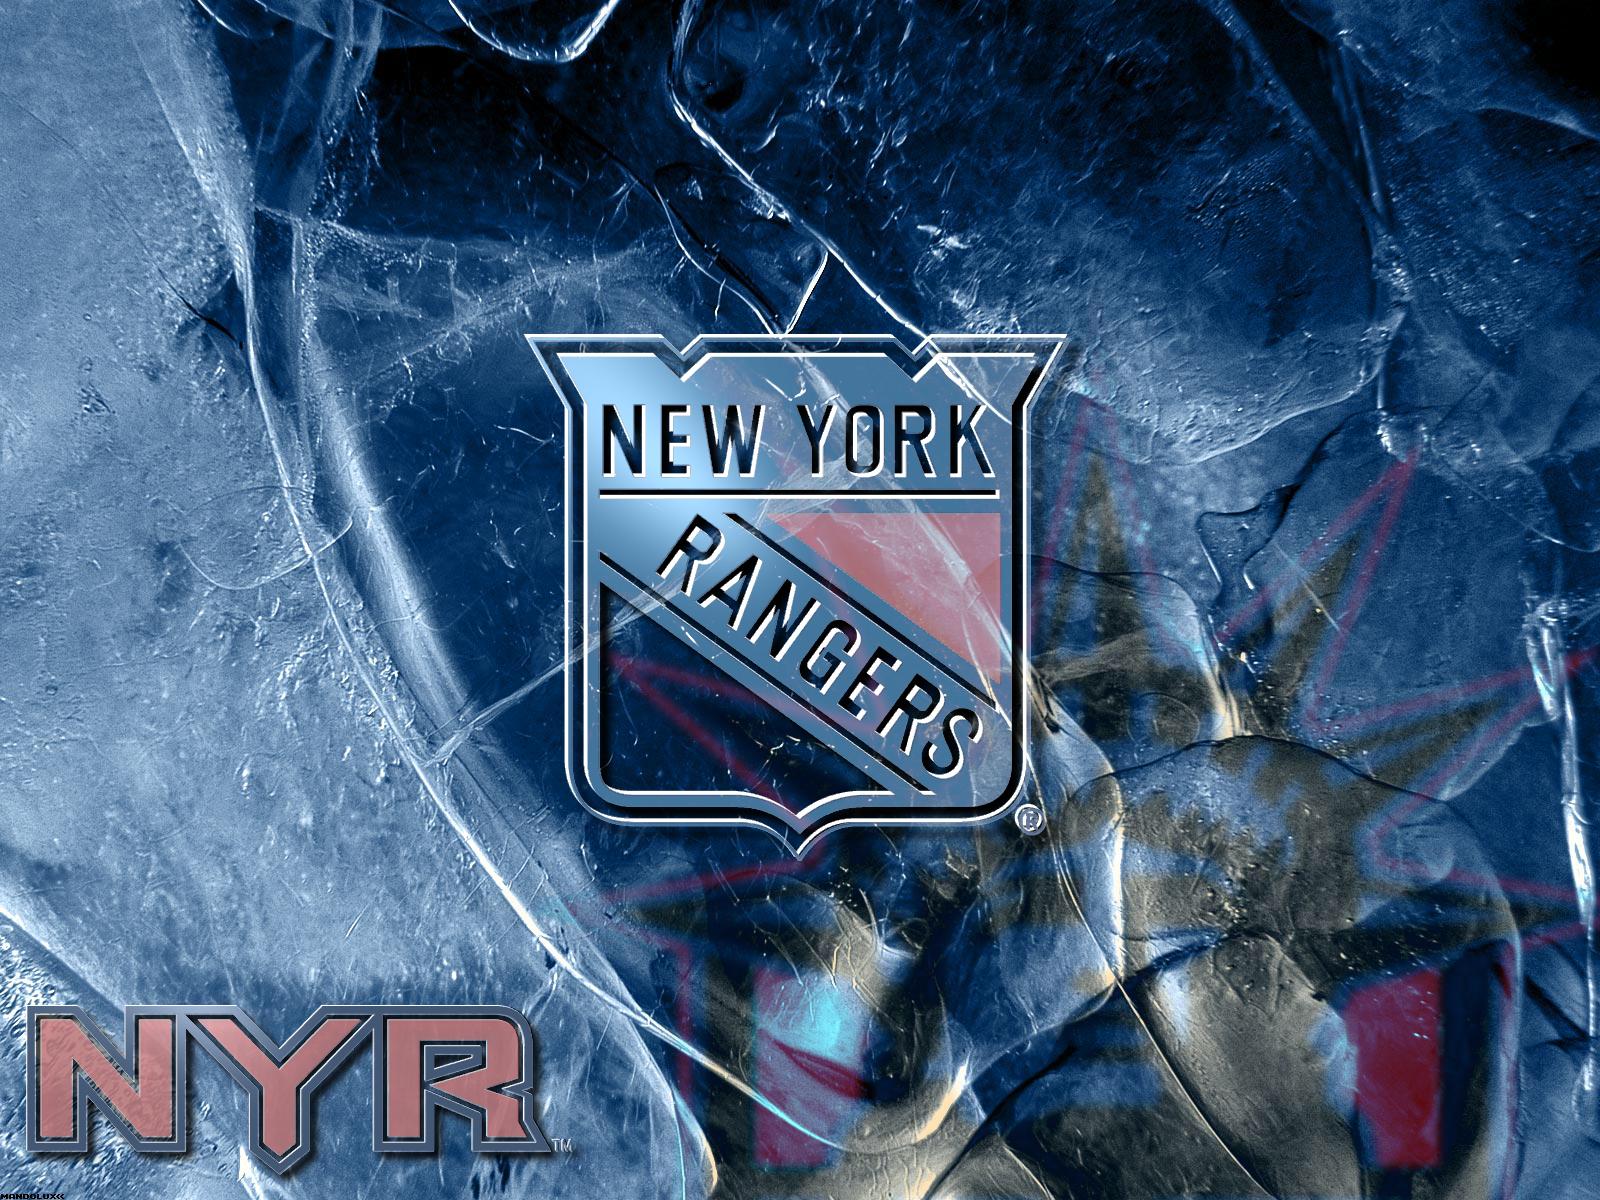 Wallpapers on NewYorkRangers - DeviantArt